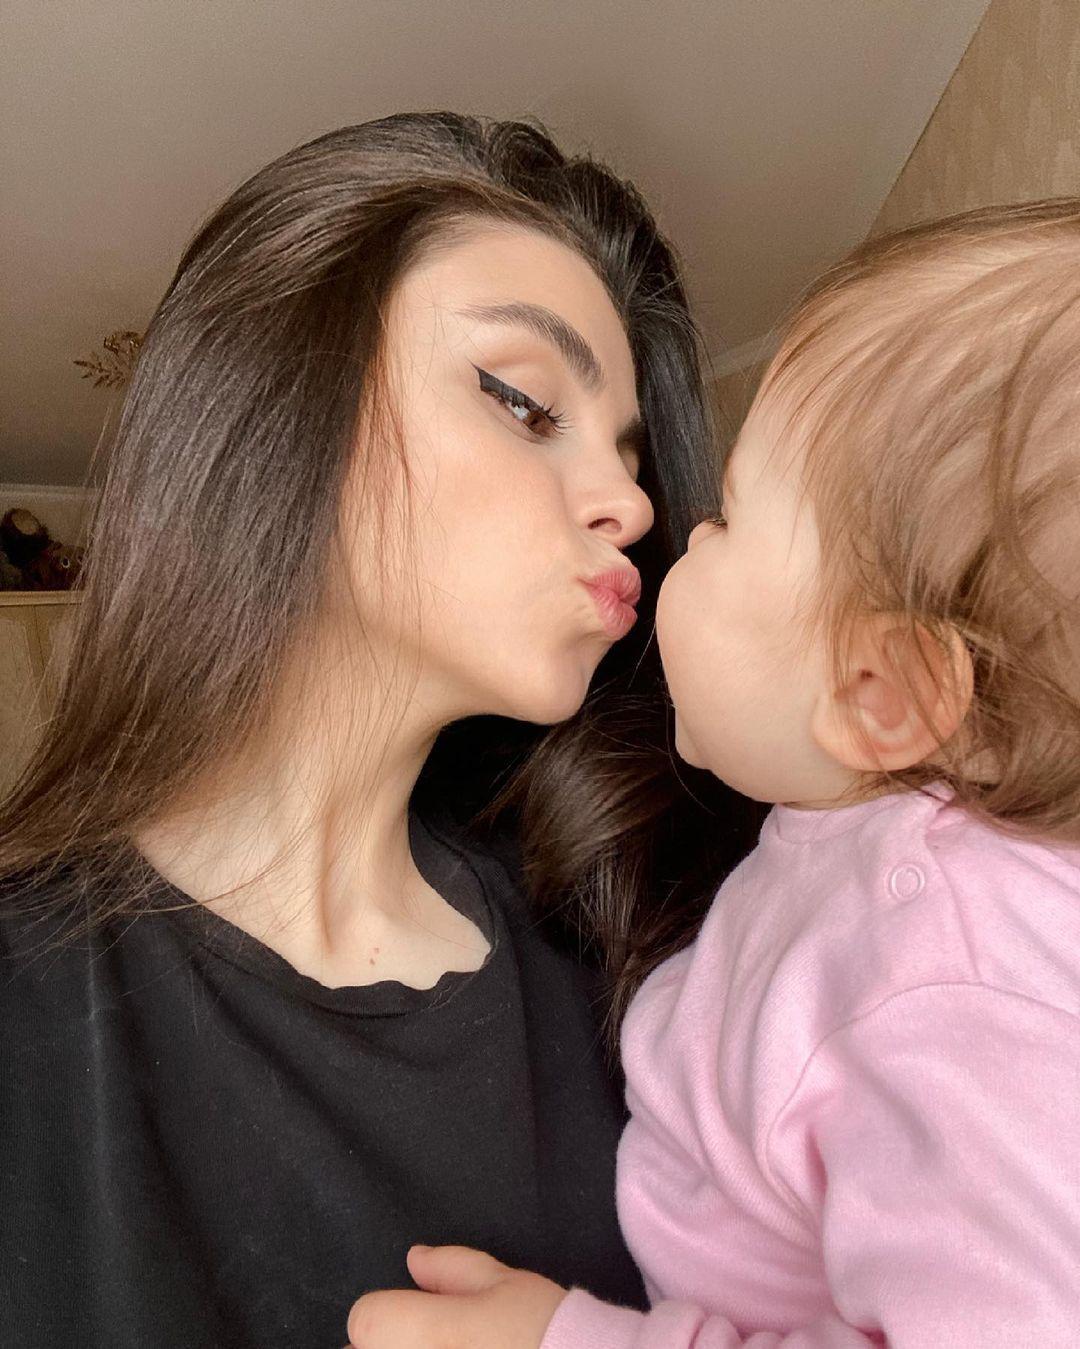 当妈还是正 浓眉大眼妹先天基因强大 身材脸蛋保有少女感太不科学啦~ 养眼图片 第14张